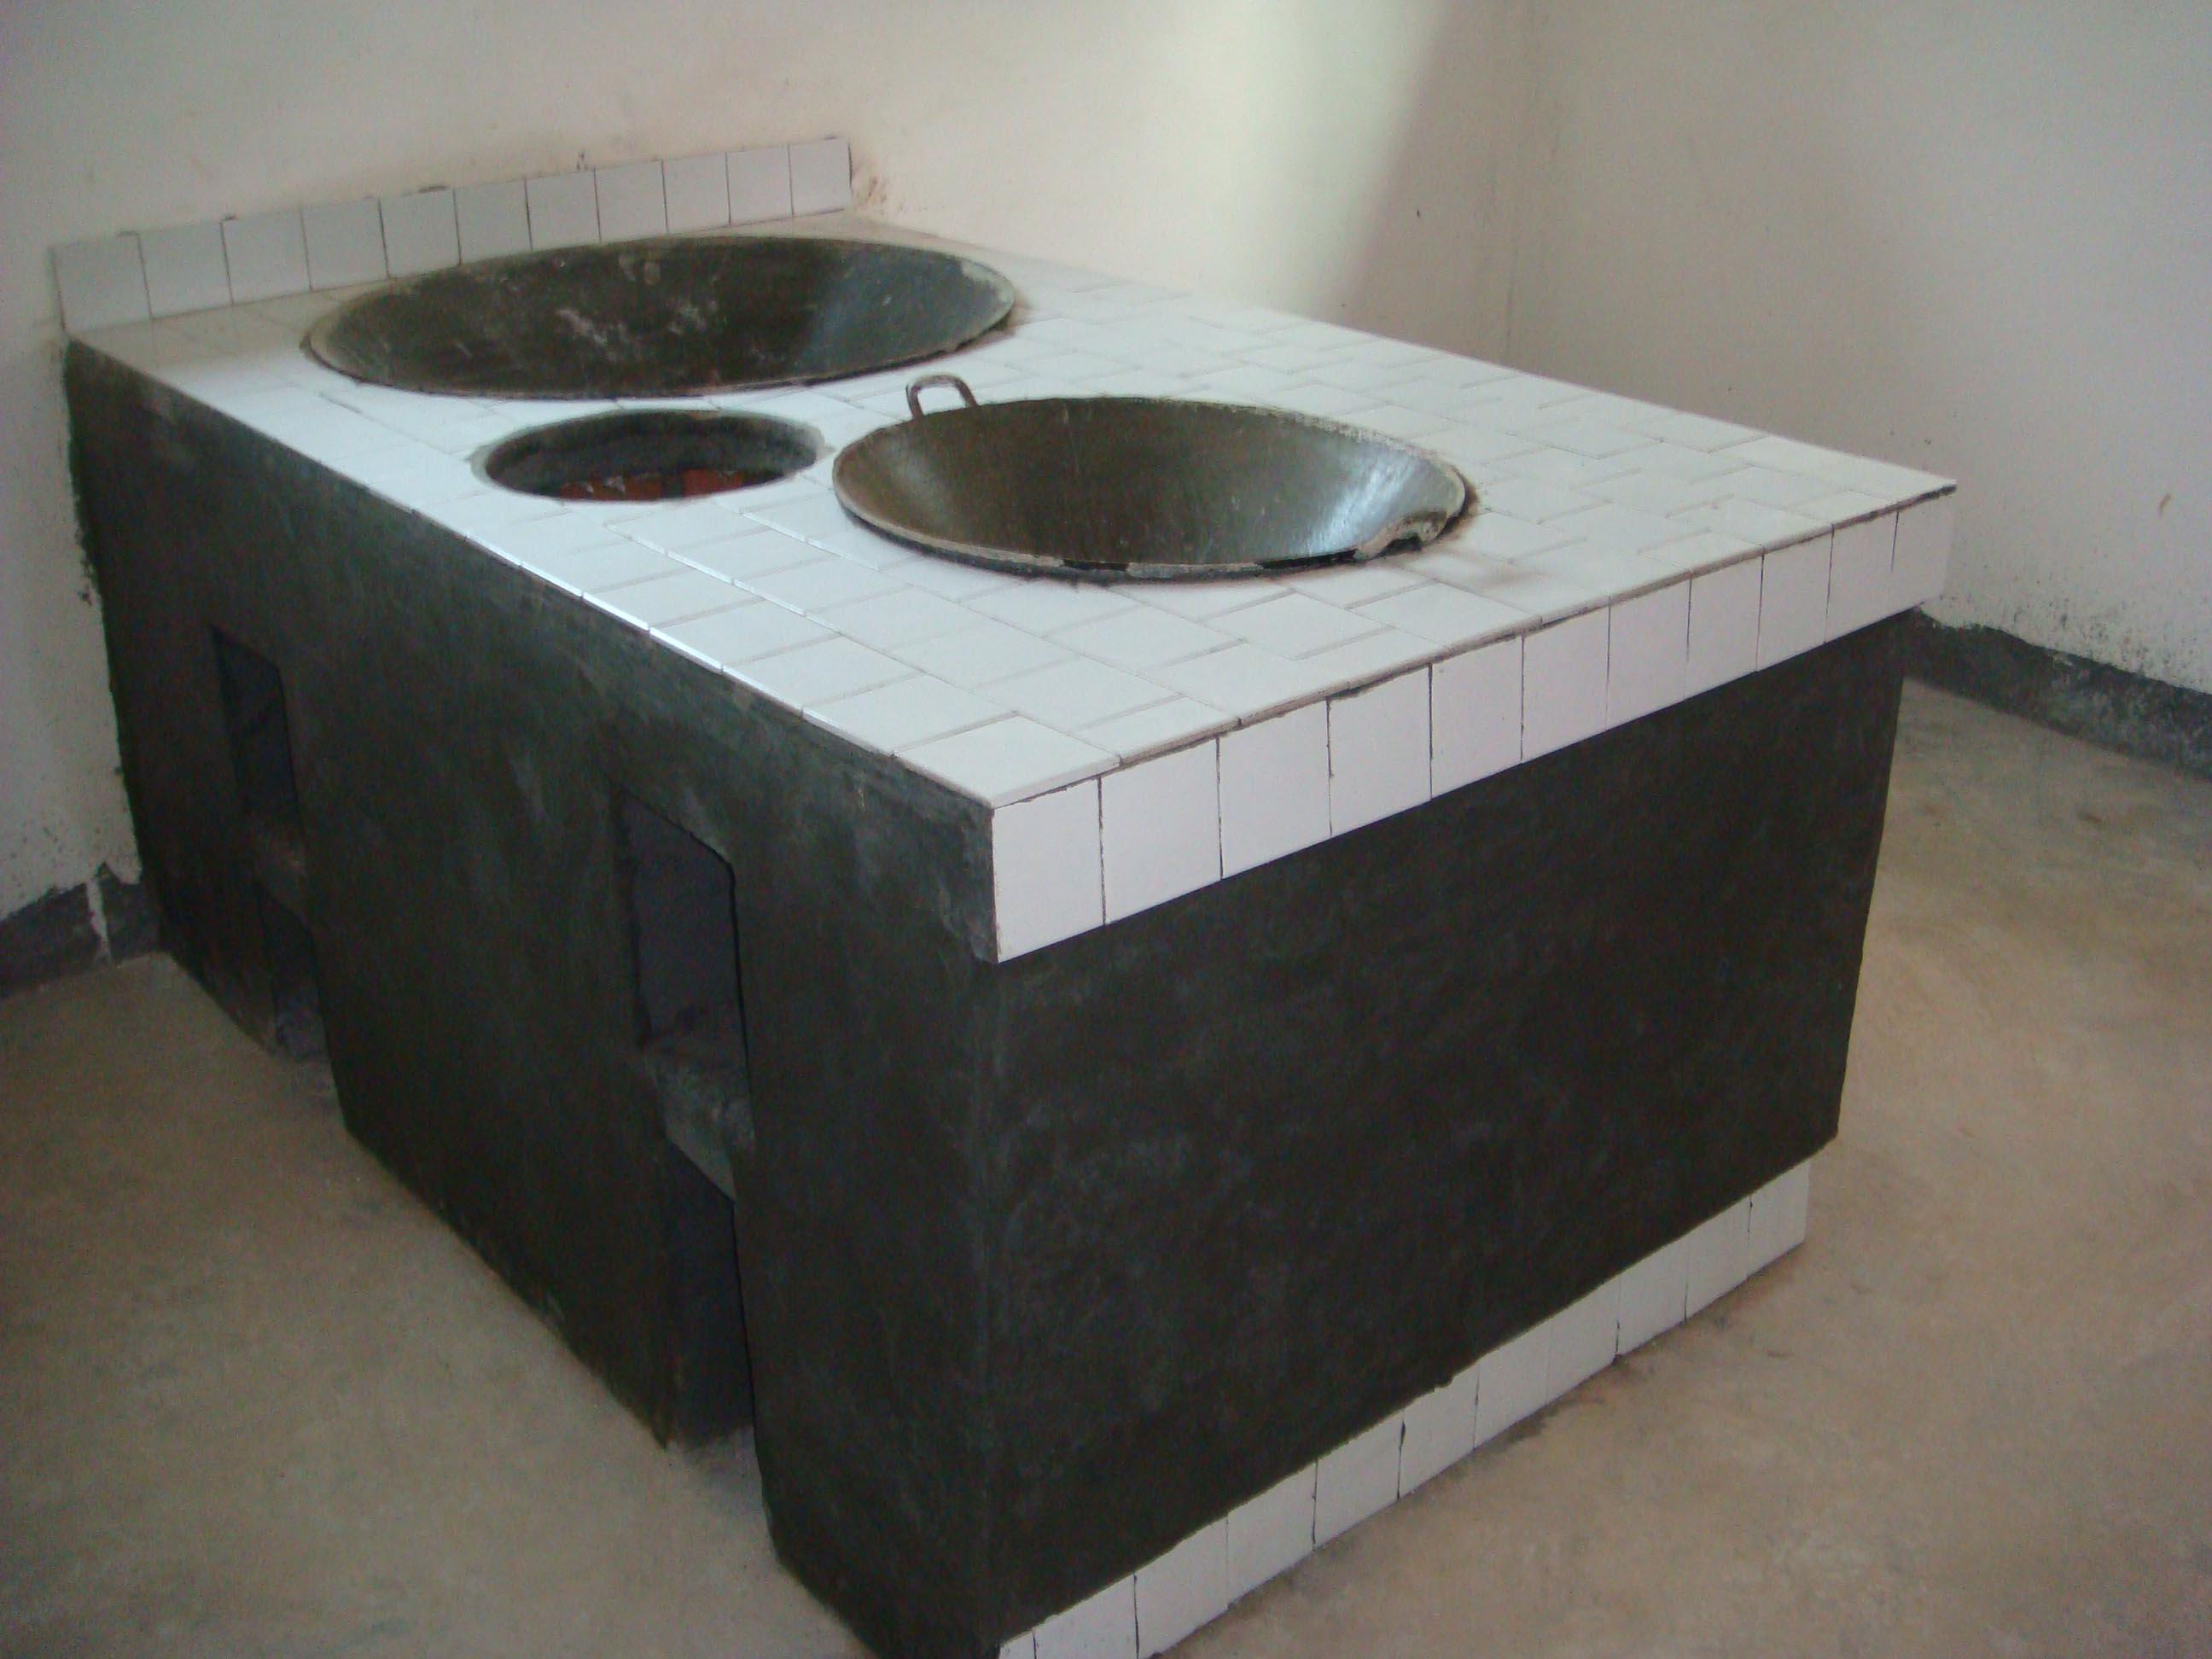 厨房屋宽度3米左右,进深8米左右,求农村家用柴灶图一份图片